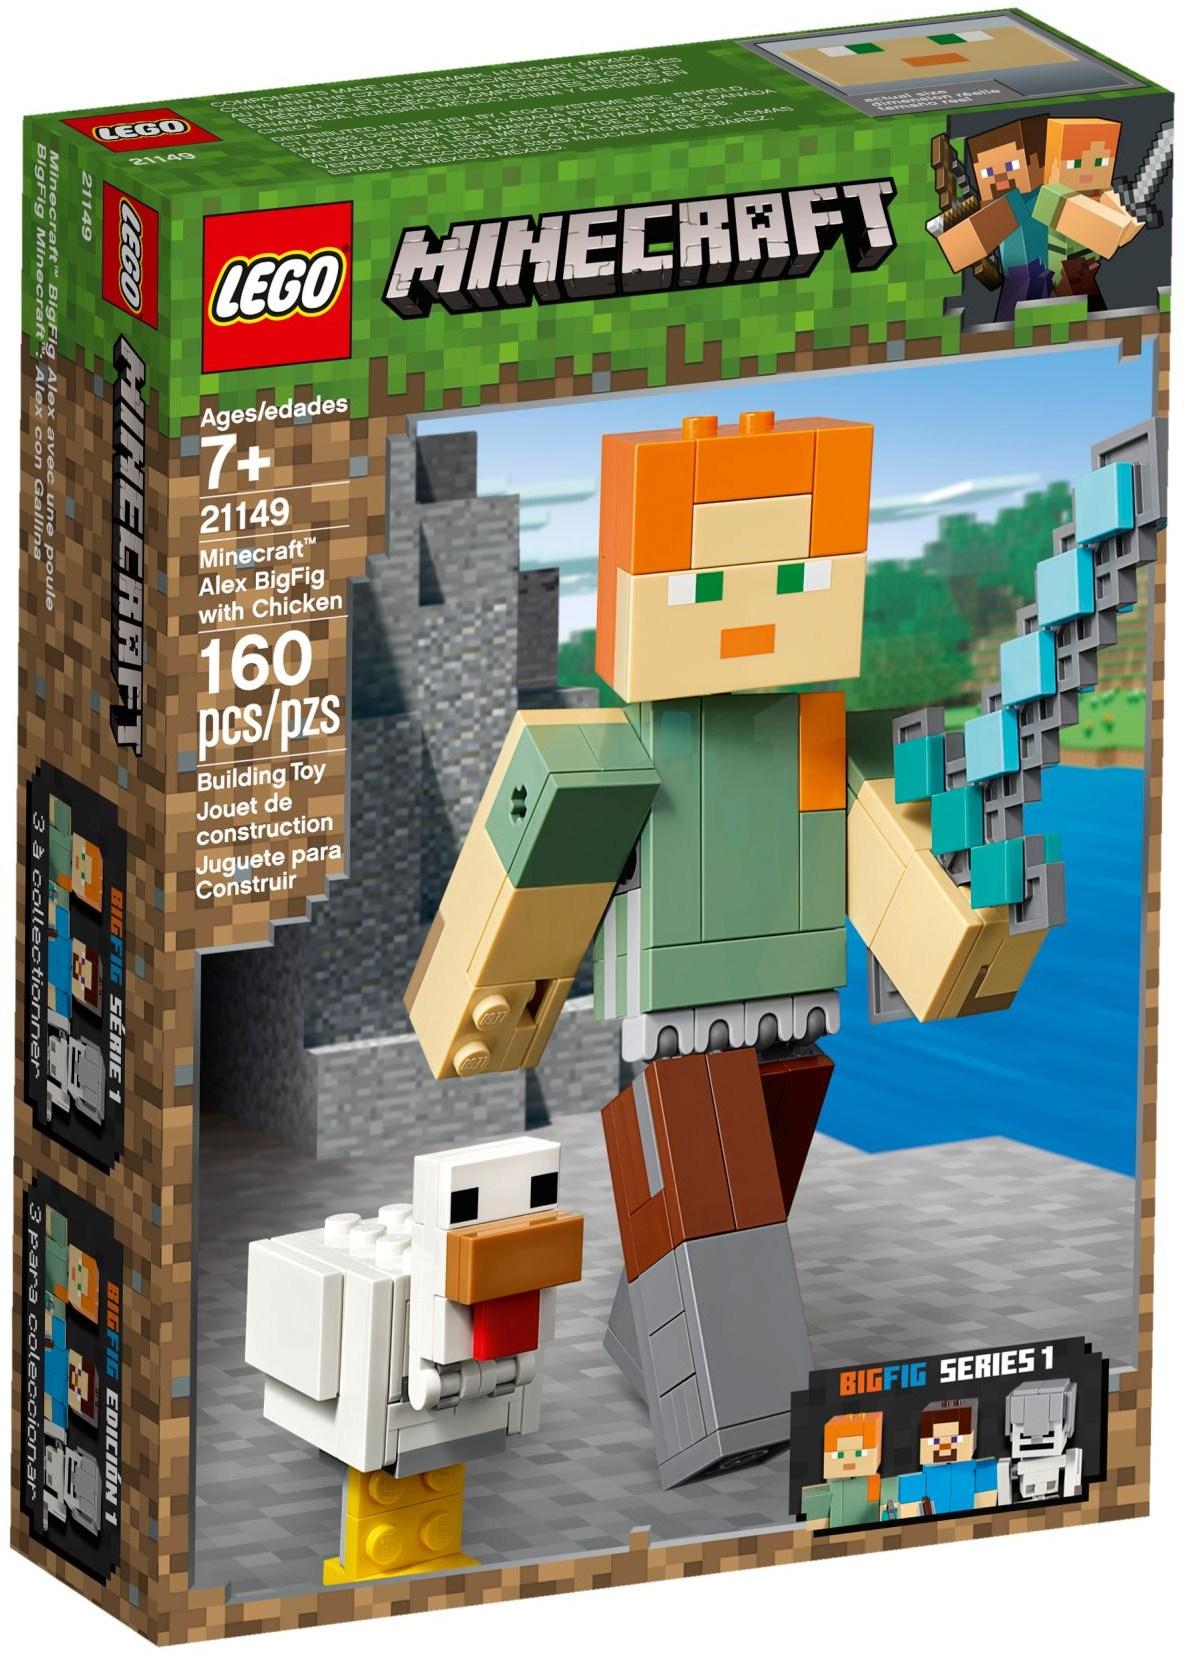 LEGO MINECRAFT ALEX BIGFIG - 21149